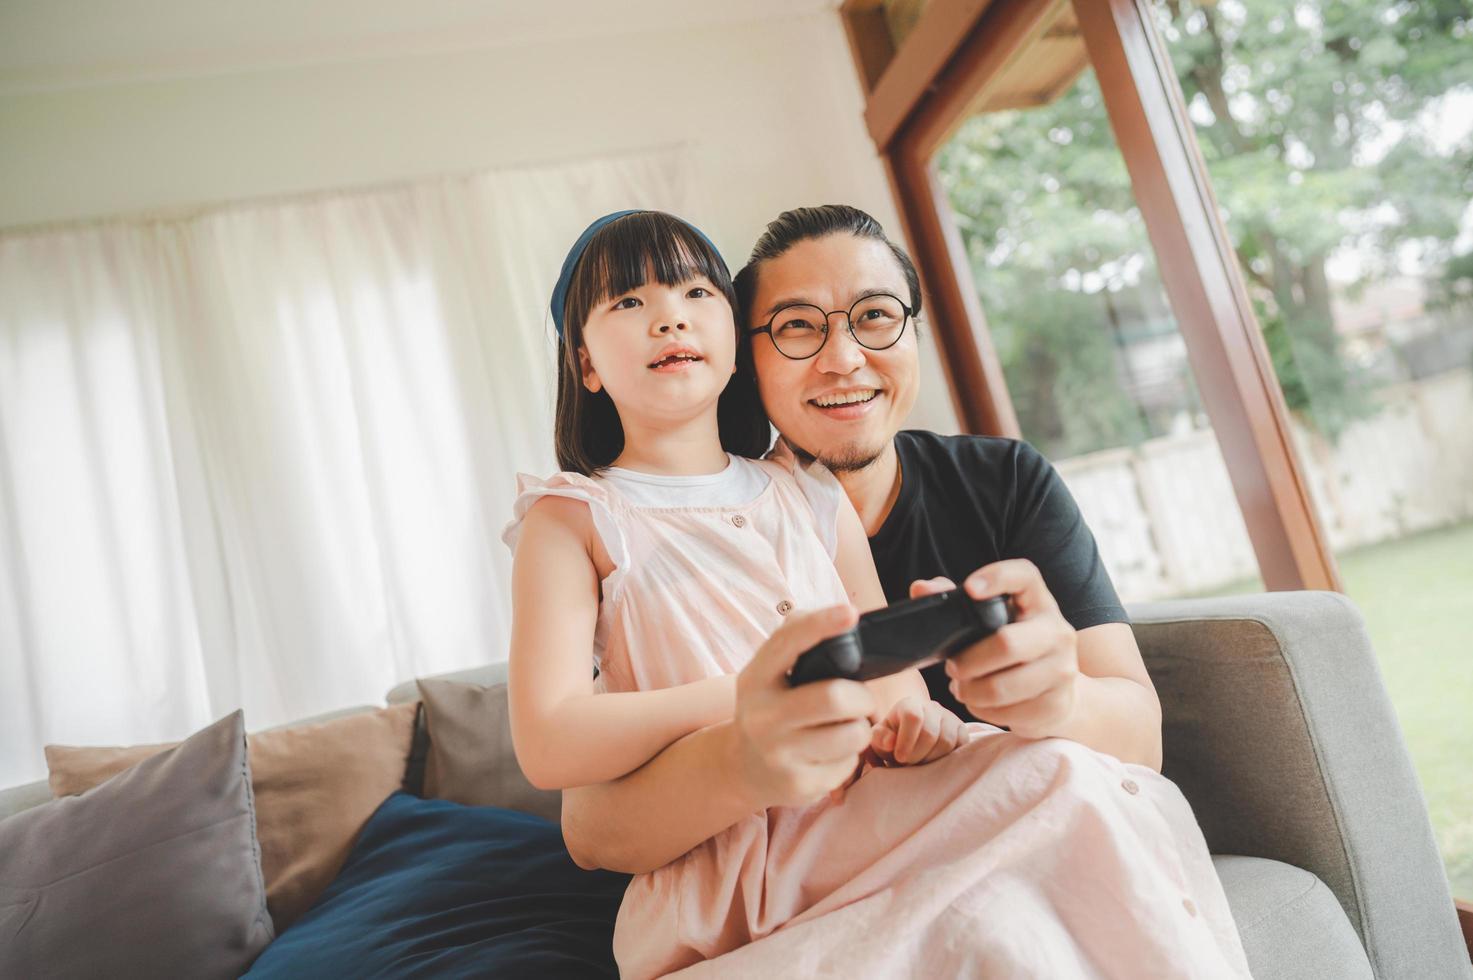 père et fille jouant au jeu vidéo photo